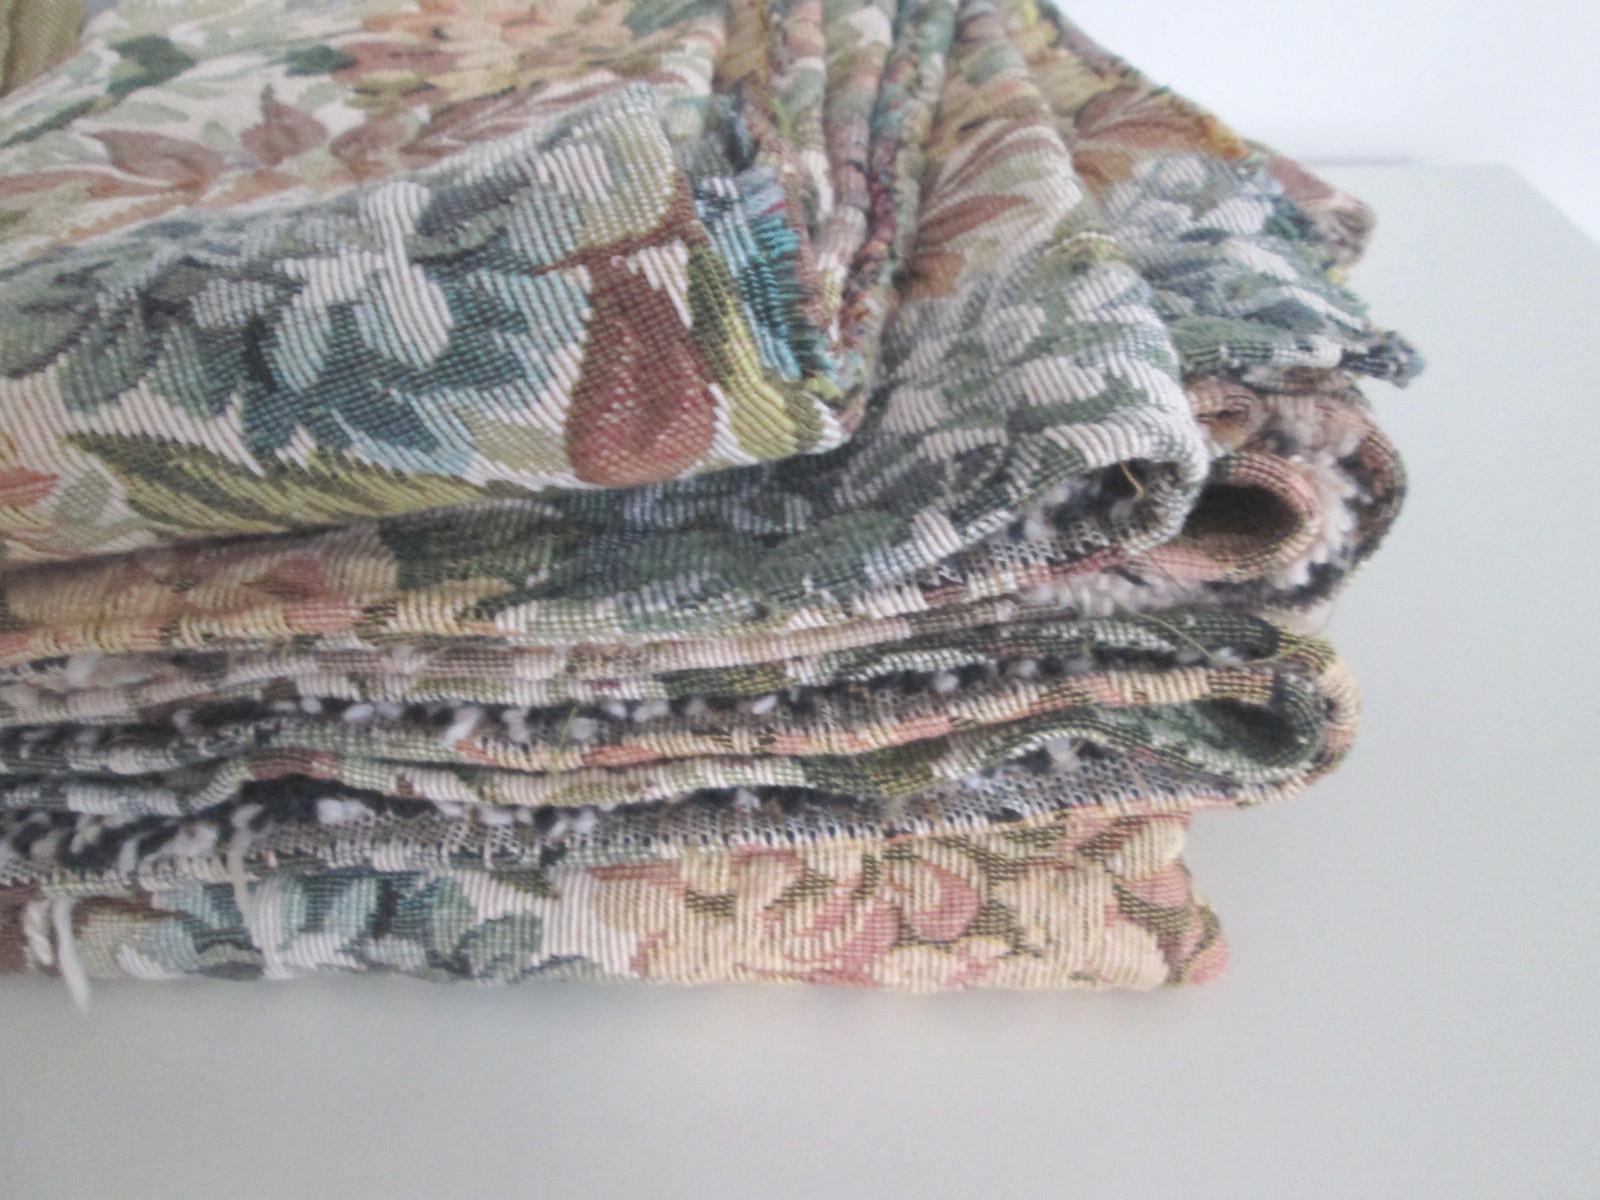 Un lundi ordinaire tissu d 39 ameublement vintage je chine pour vous - Tissu ameublement vintage ...